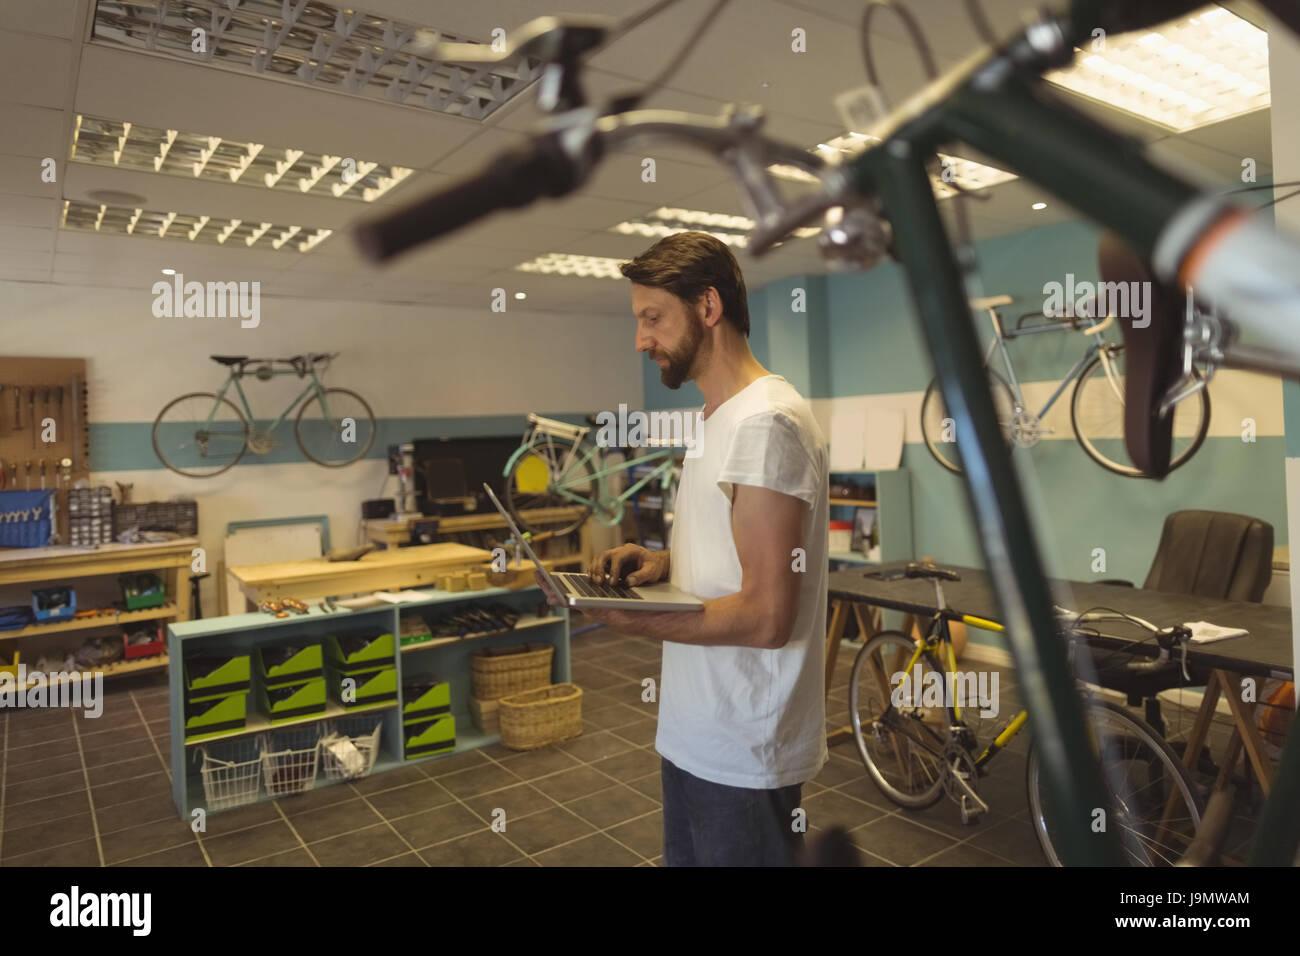 Vista lateral del empleado mediante el portátil mientras está parado en el taller de bicicletas Imagen De Stock